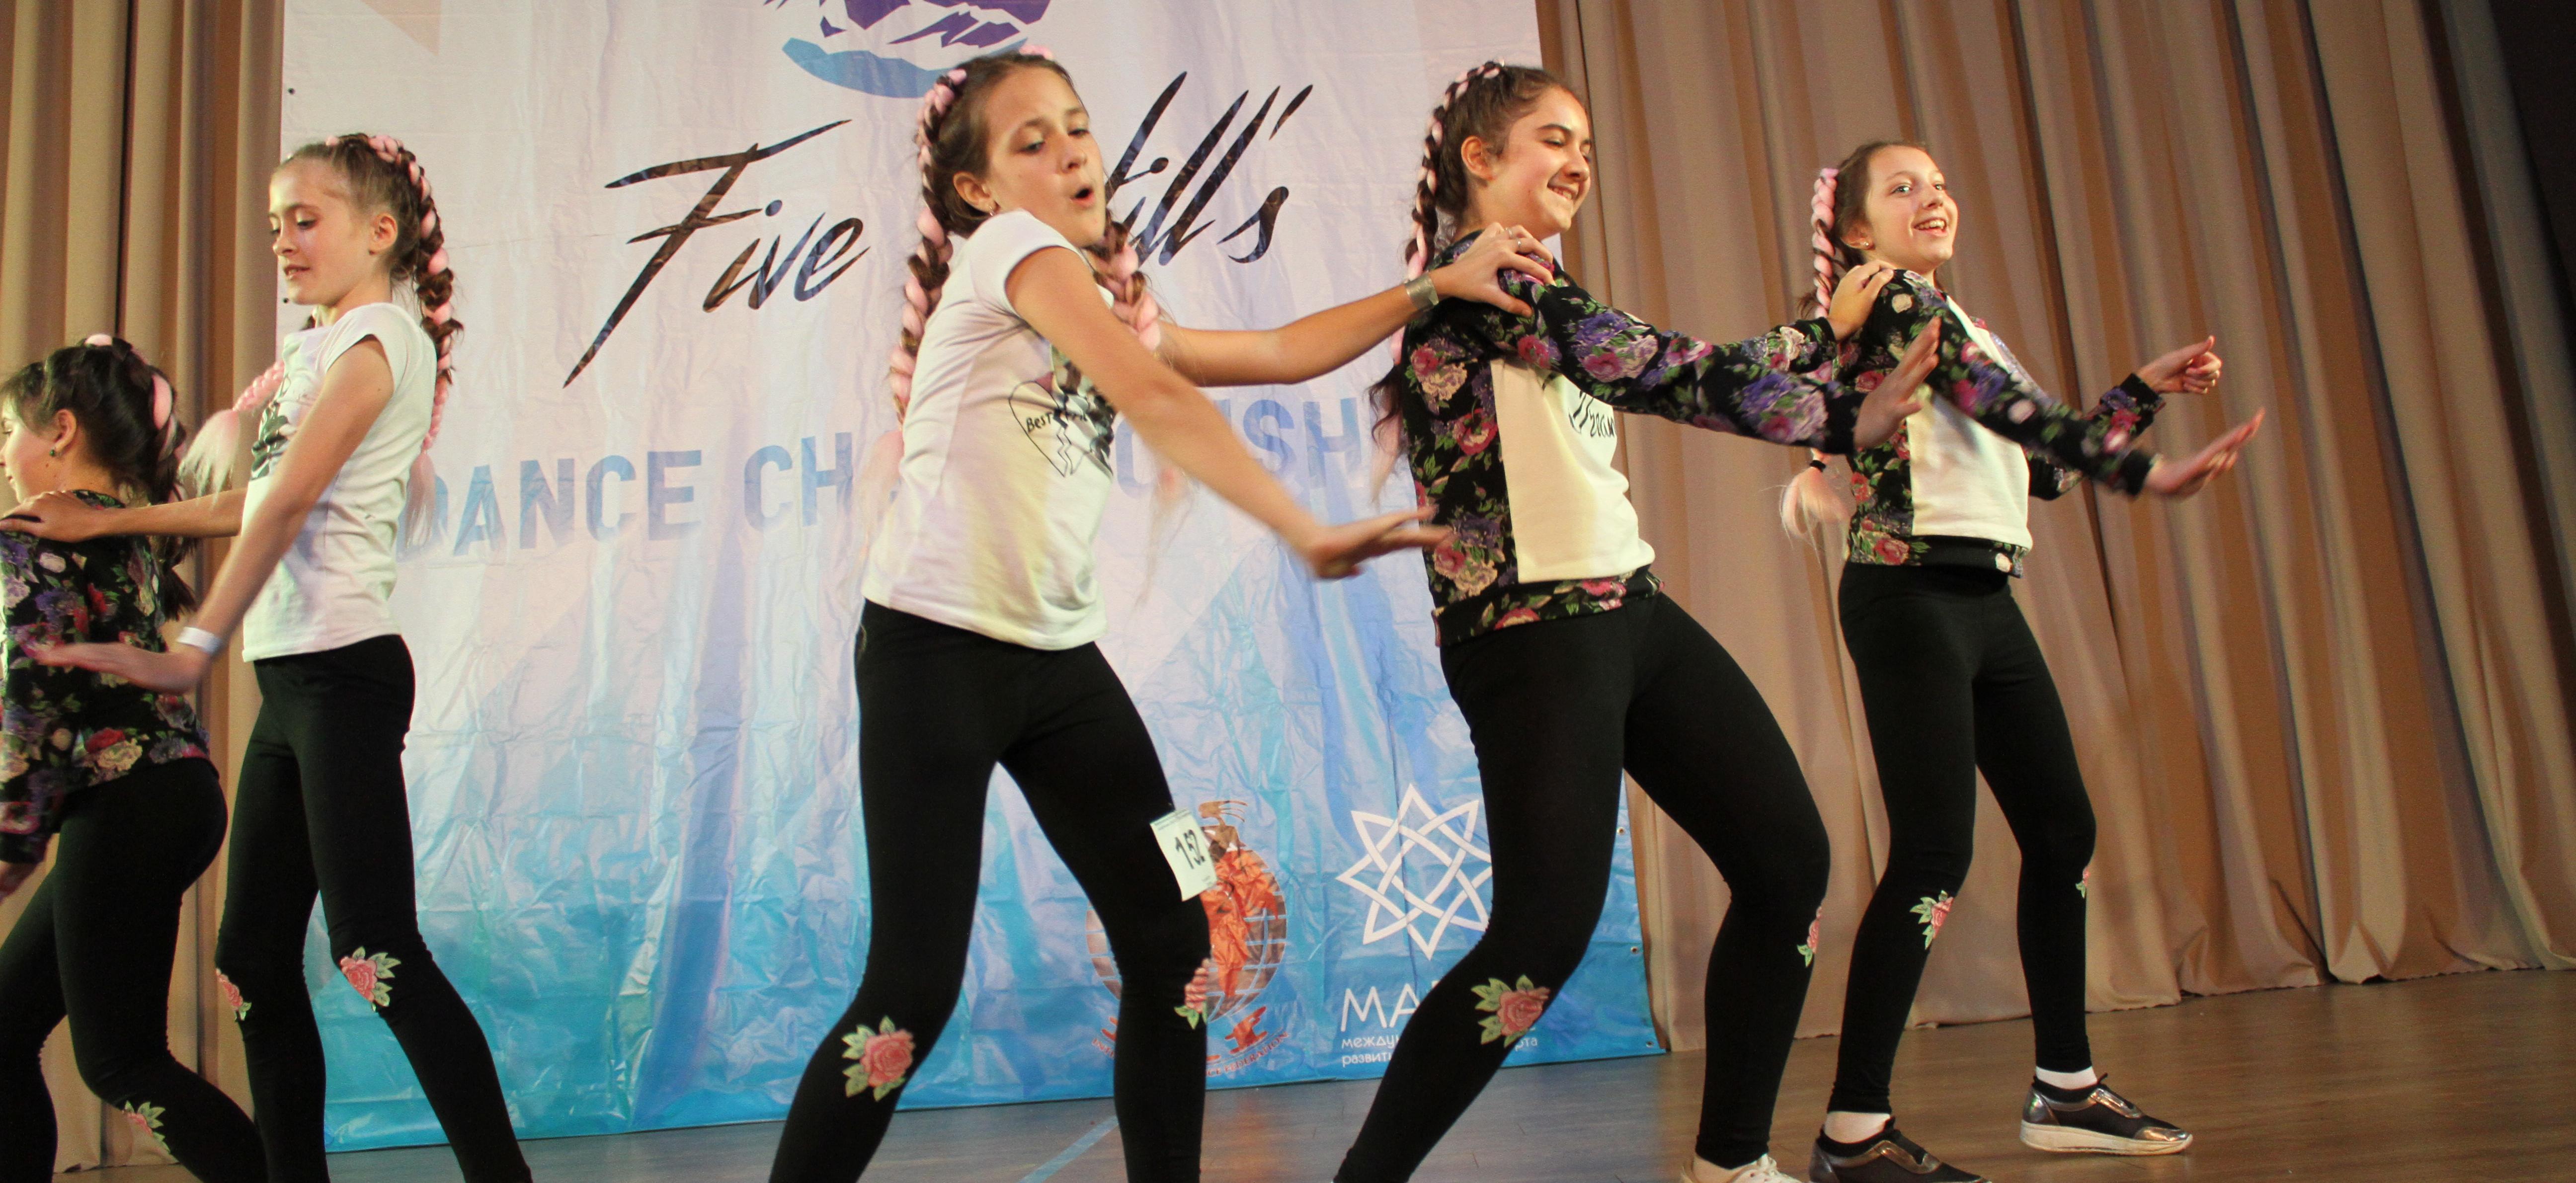 Танцевальный конкурс – возможность реализовать хореографический талант